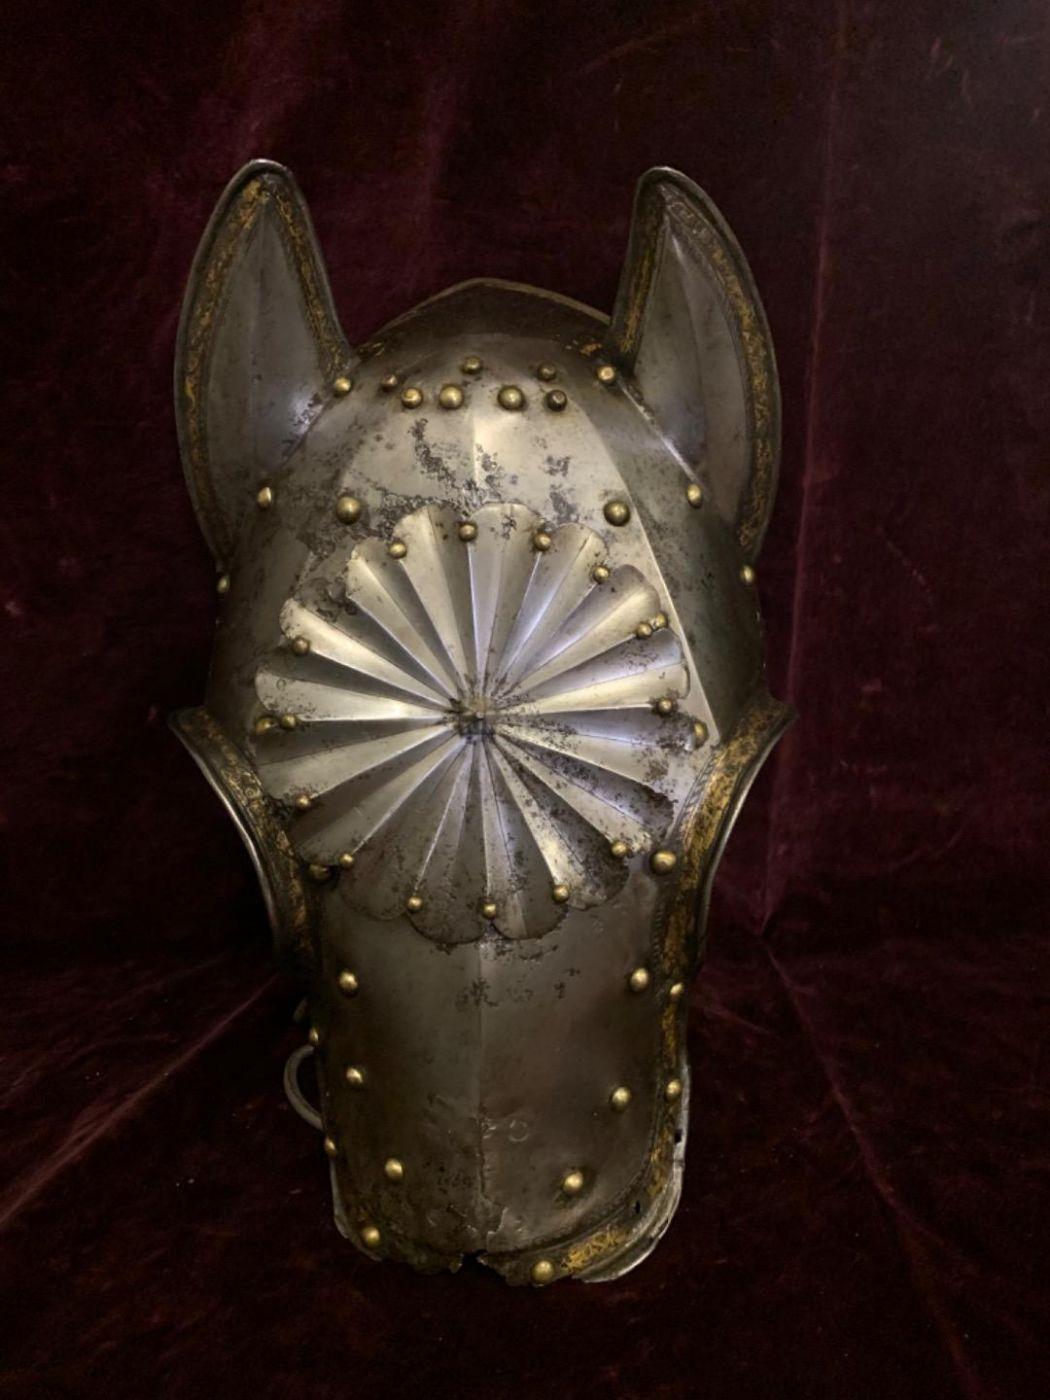 thumb2|Testiera da cavallo 1570-1580